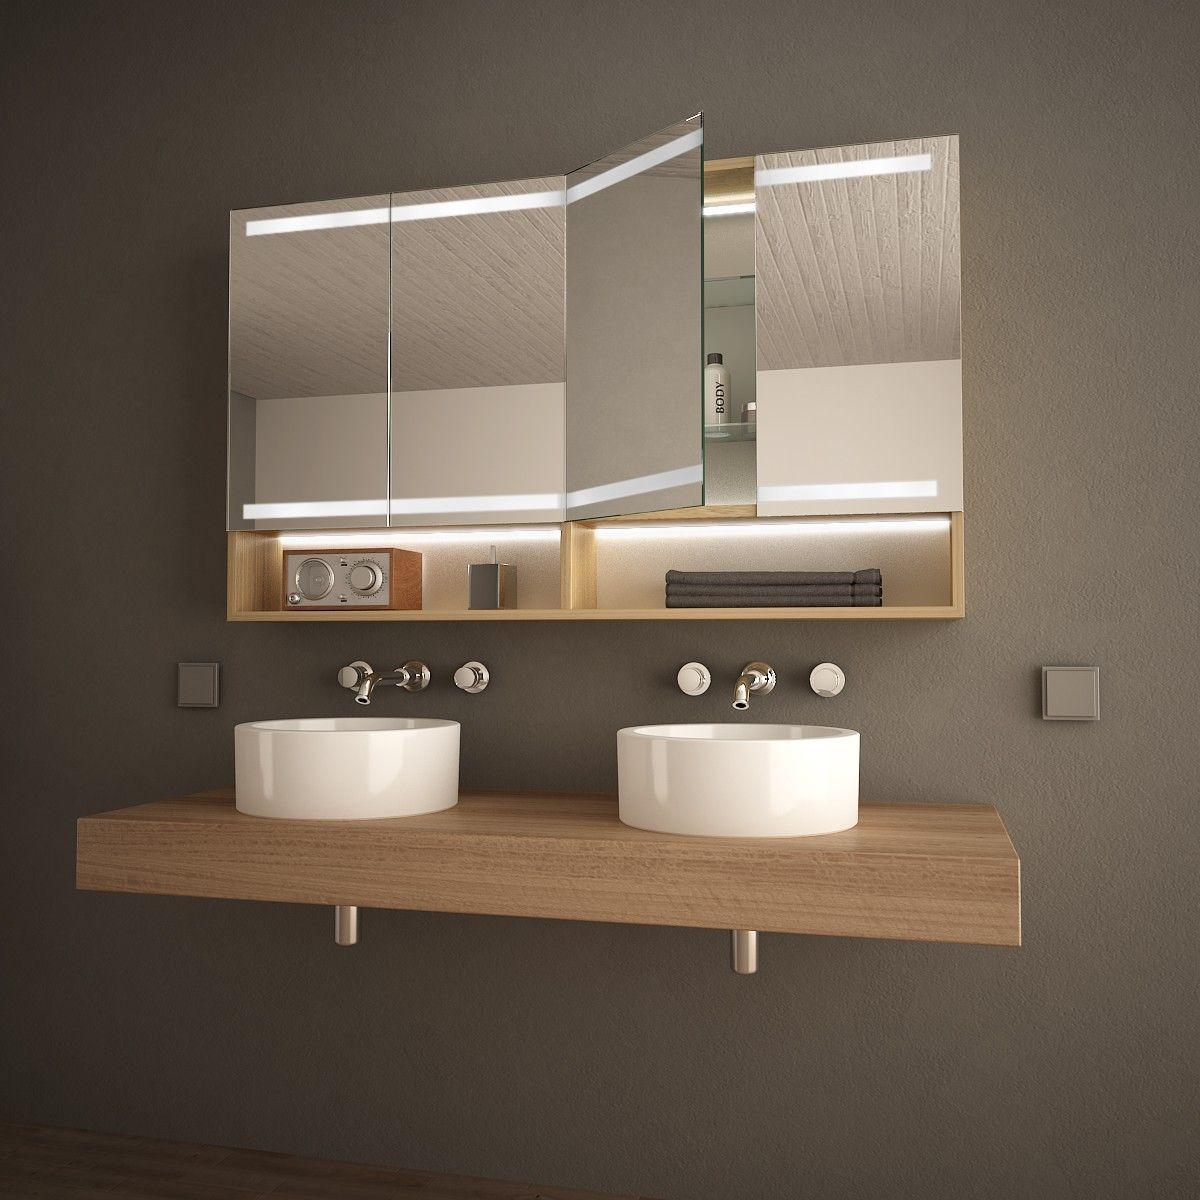 Holz Spiegelschrank Fur Das Bad Armario Badezimmer Spiegelschrank Spiegelschrank Badspiegelschrank